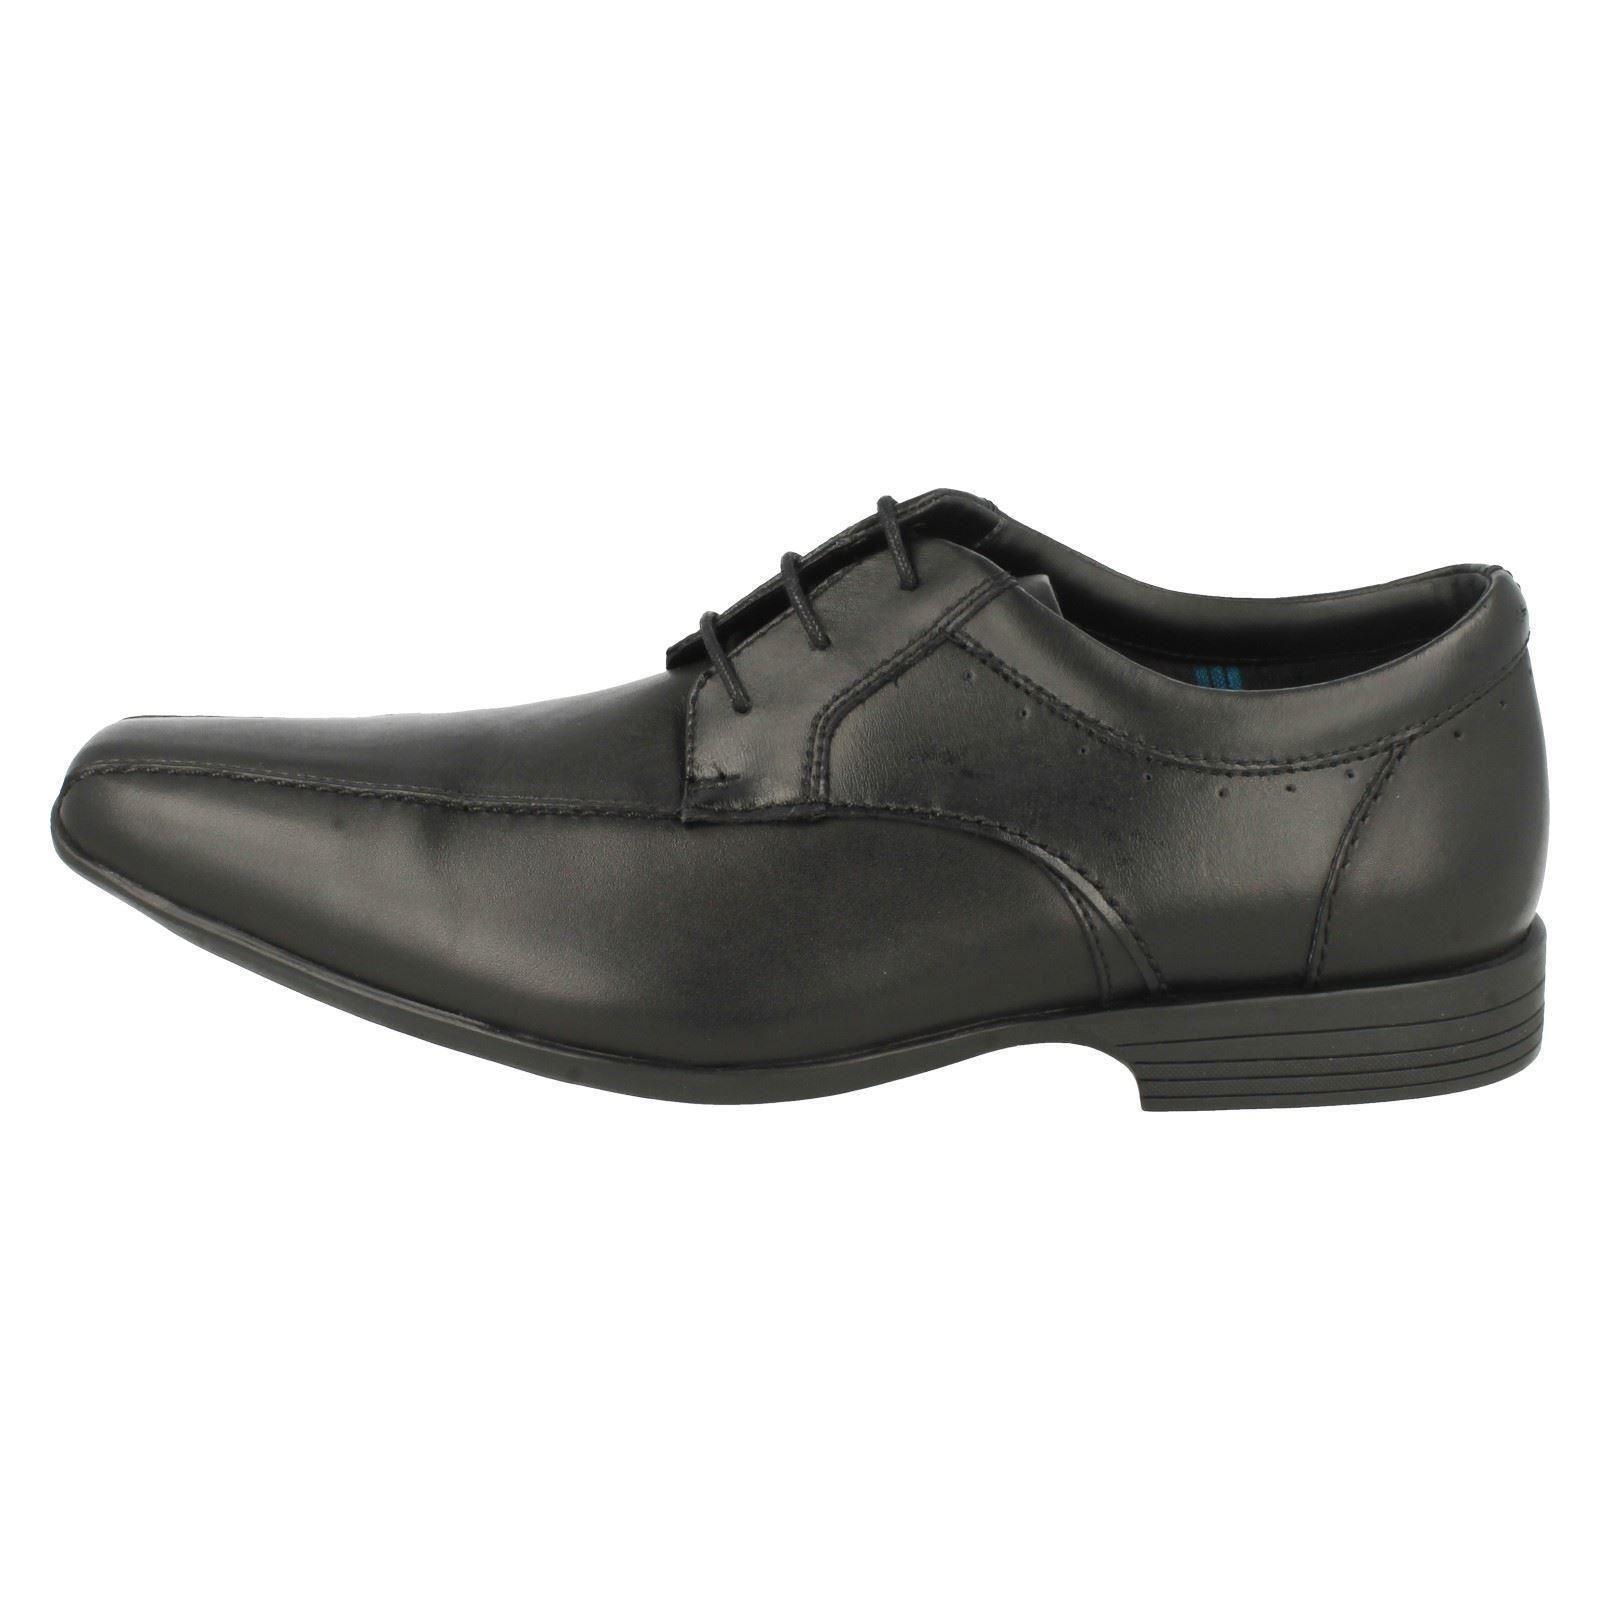 Herren Clarks Förmliche Schuhe über 'Forbes über Schuhe ' 23b0f8